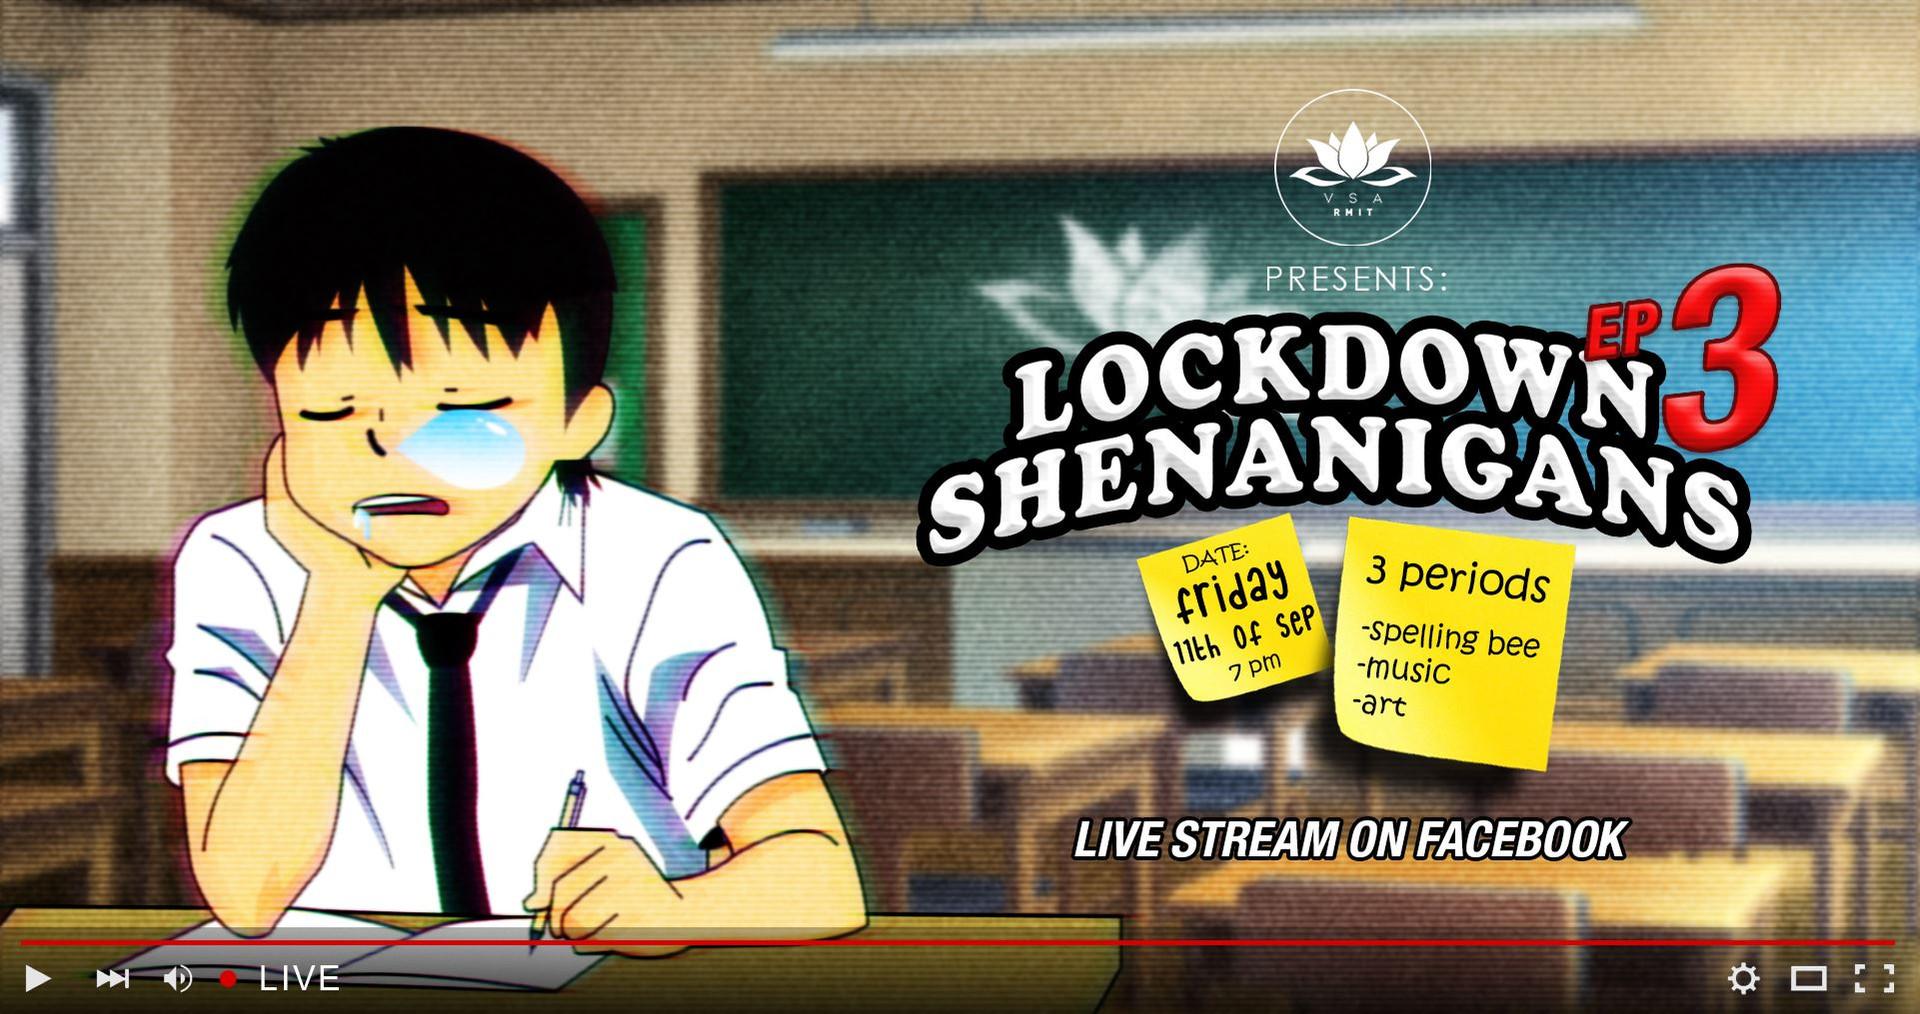 VSA RMIT Presents: Lockdown Shenanigans Episode 3